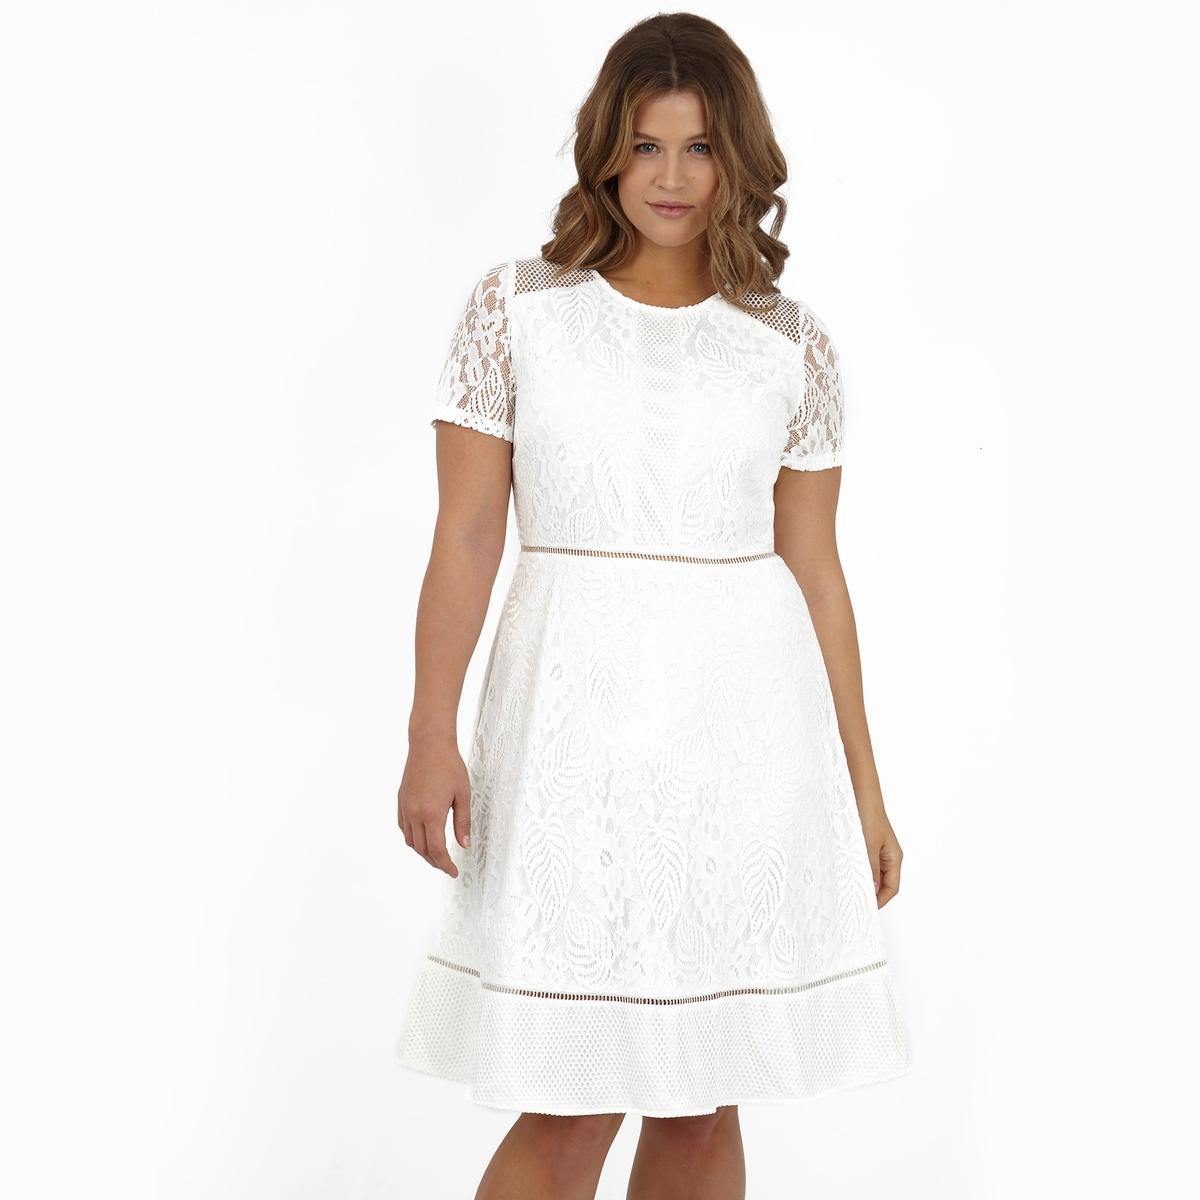 ПлатьеПлатье с короткими рукавами KOKO BY KOKO. 100% полиэстер.<br><br>Цвет: слоновая кость<br>Размер: 50/52 (FR) - 56/58 (RUS)